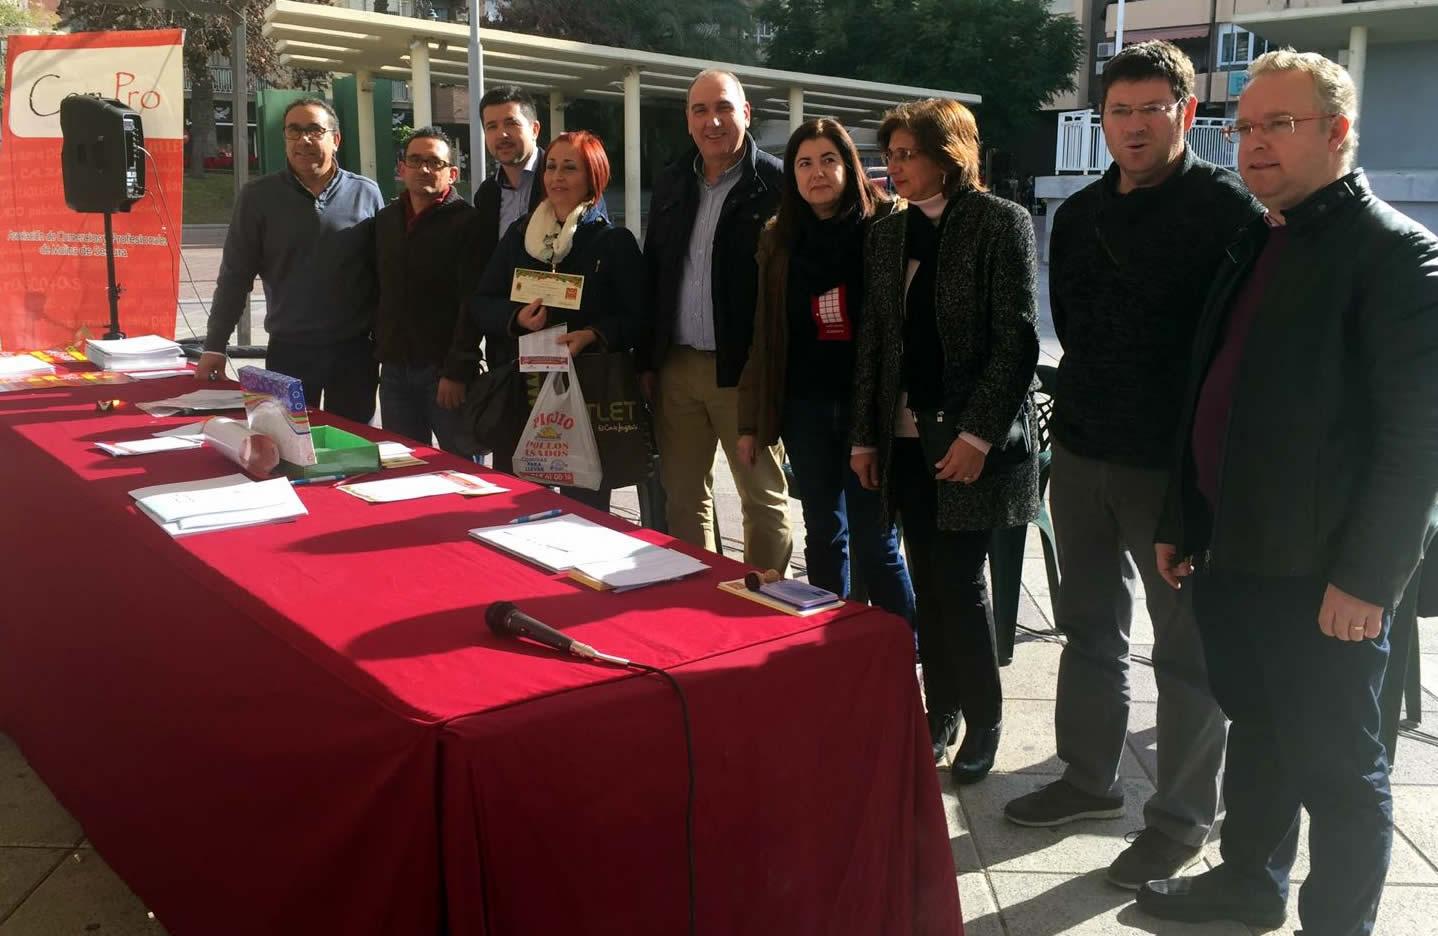 ENTREGADOS LOS PREMIOS de la campaña navideña 'LOS COMERCIOS DE MOLINA DE SEGURA TE QUIEREN REGALAR 4.000 EUROS'